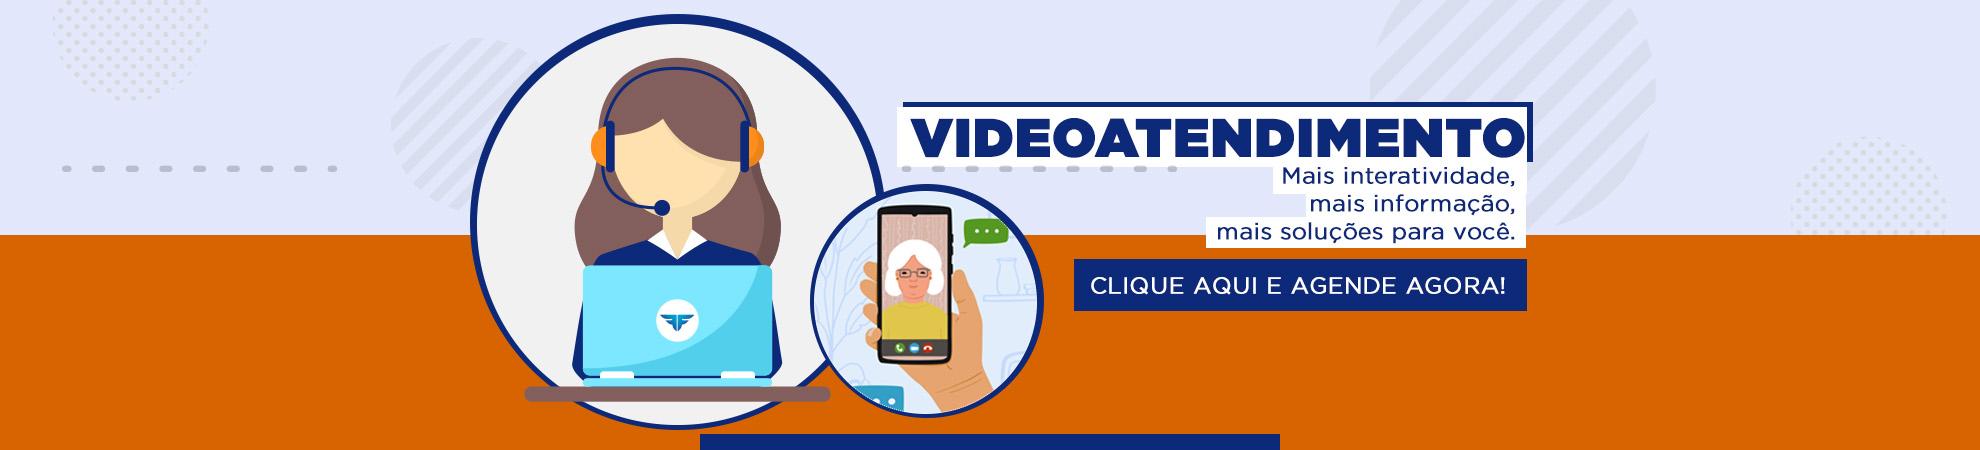 videoatendimento_home